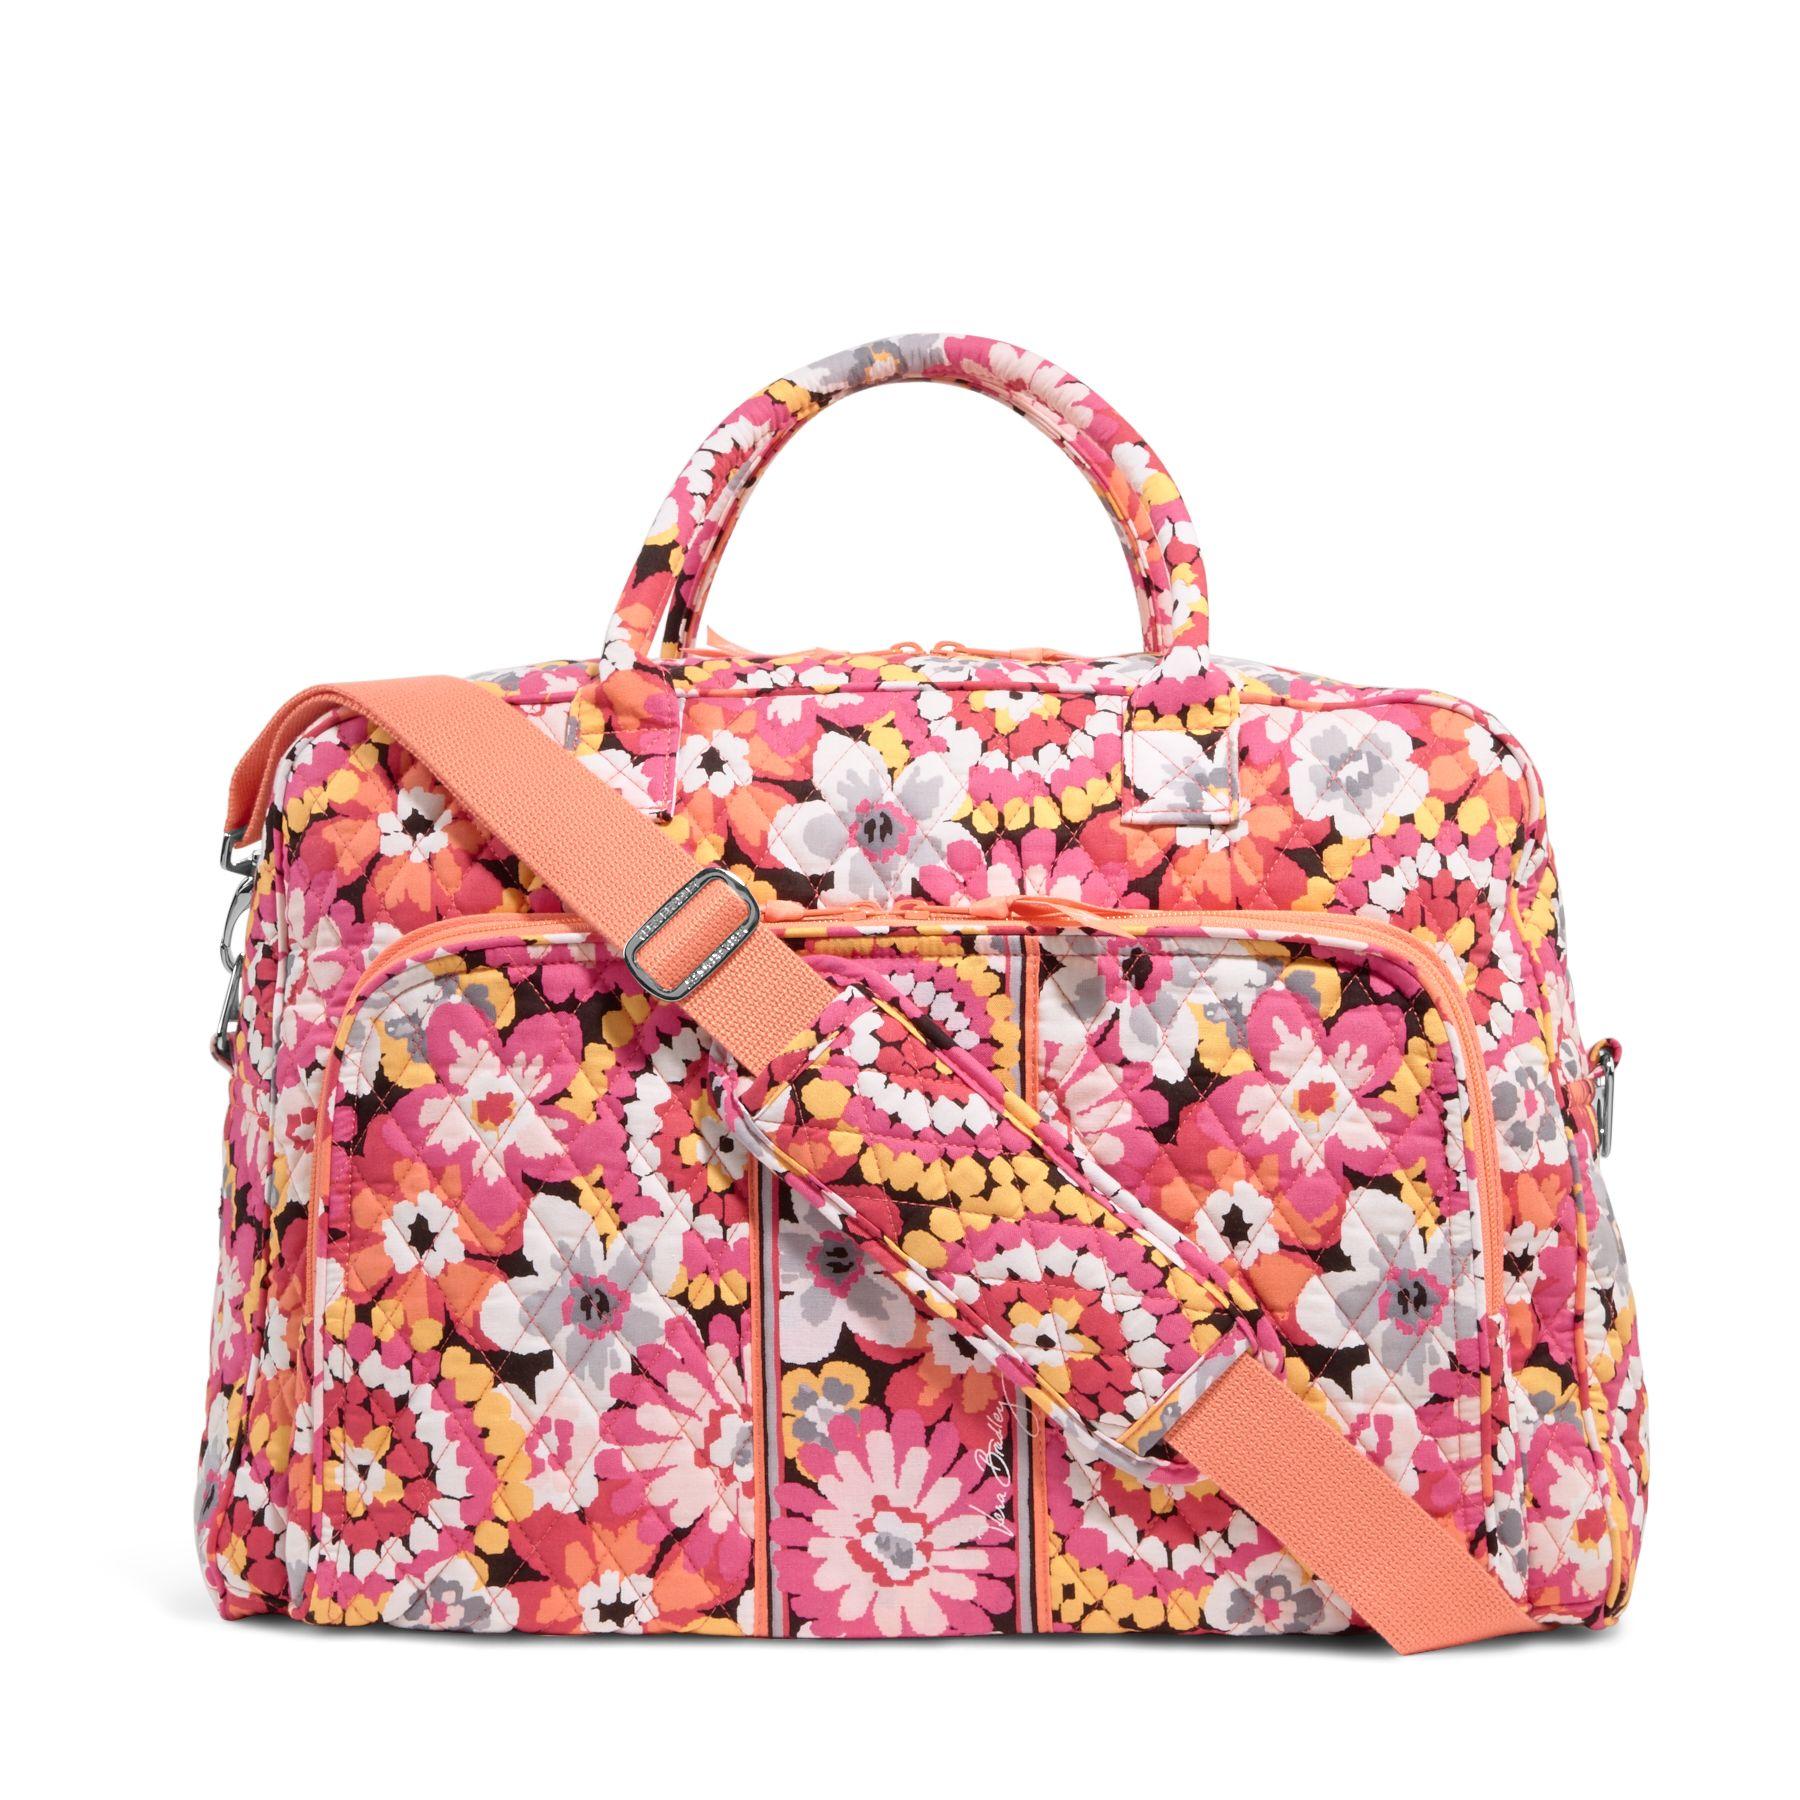 Vera Bradley Weekender Travel Bag in Pixie Blooms